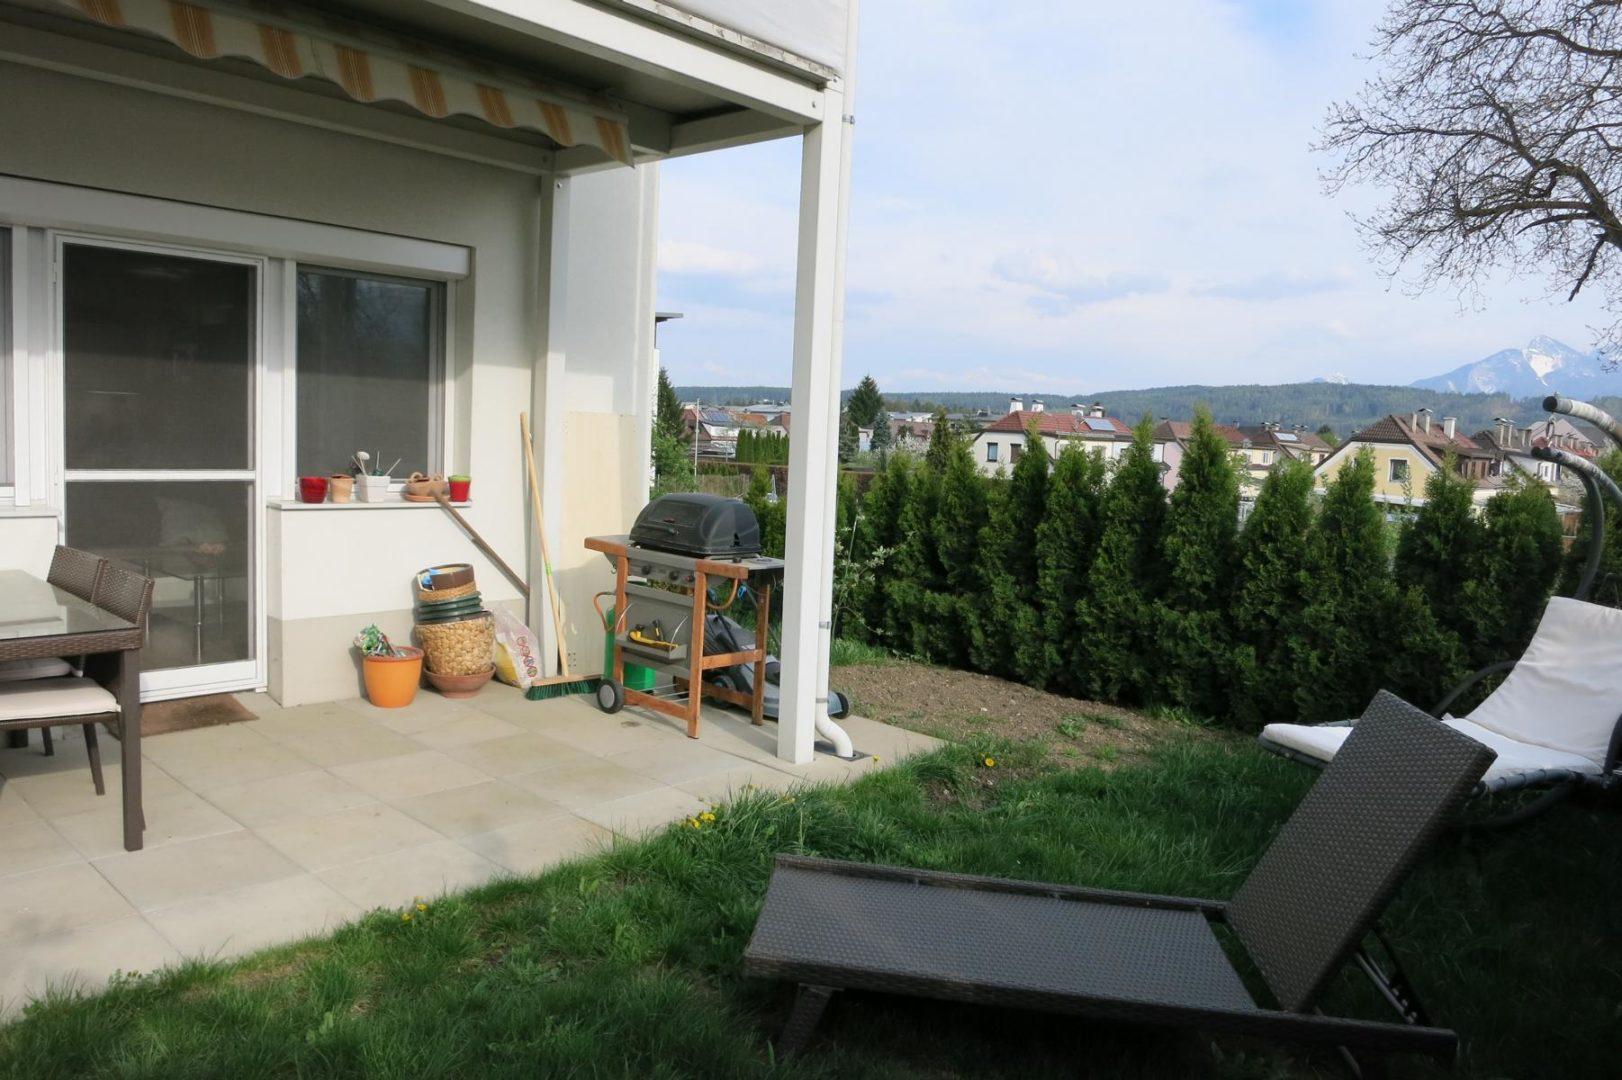 Gartenwohnung in Villach